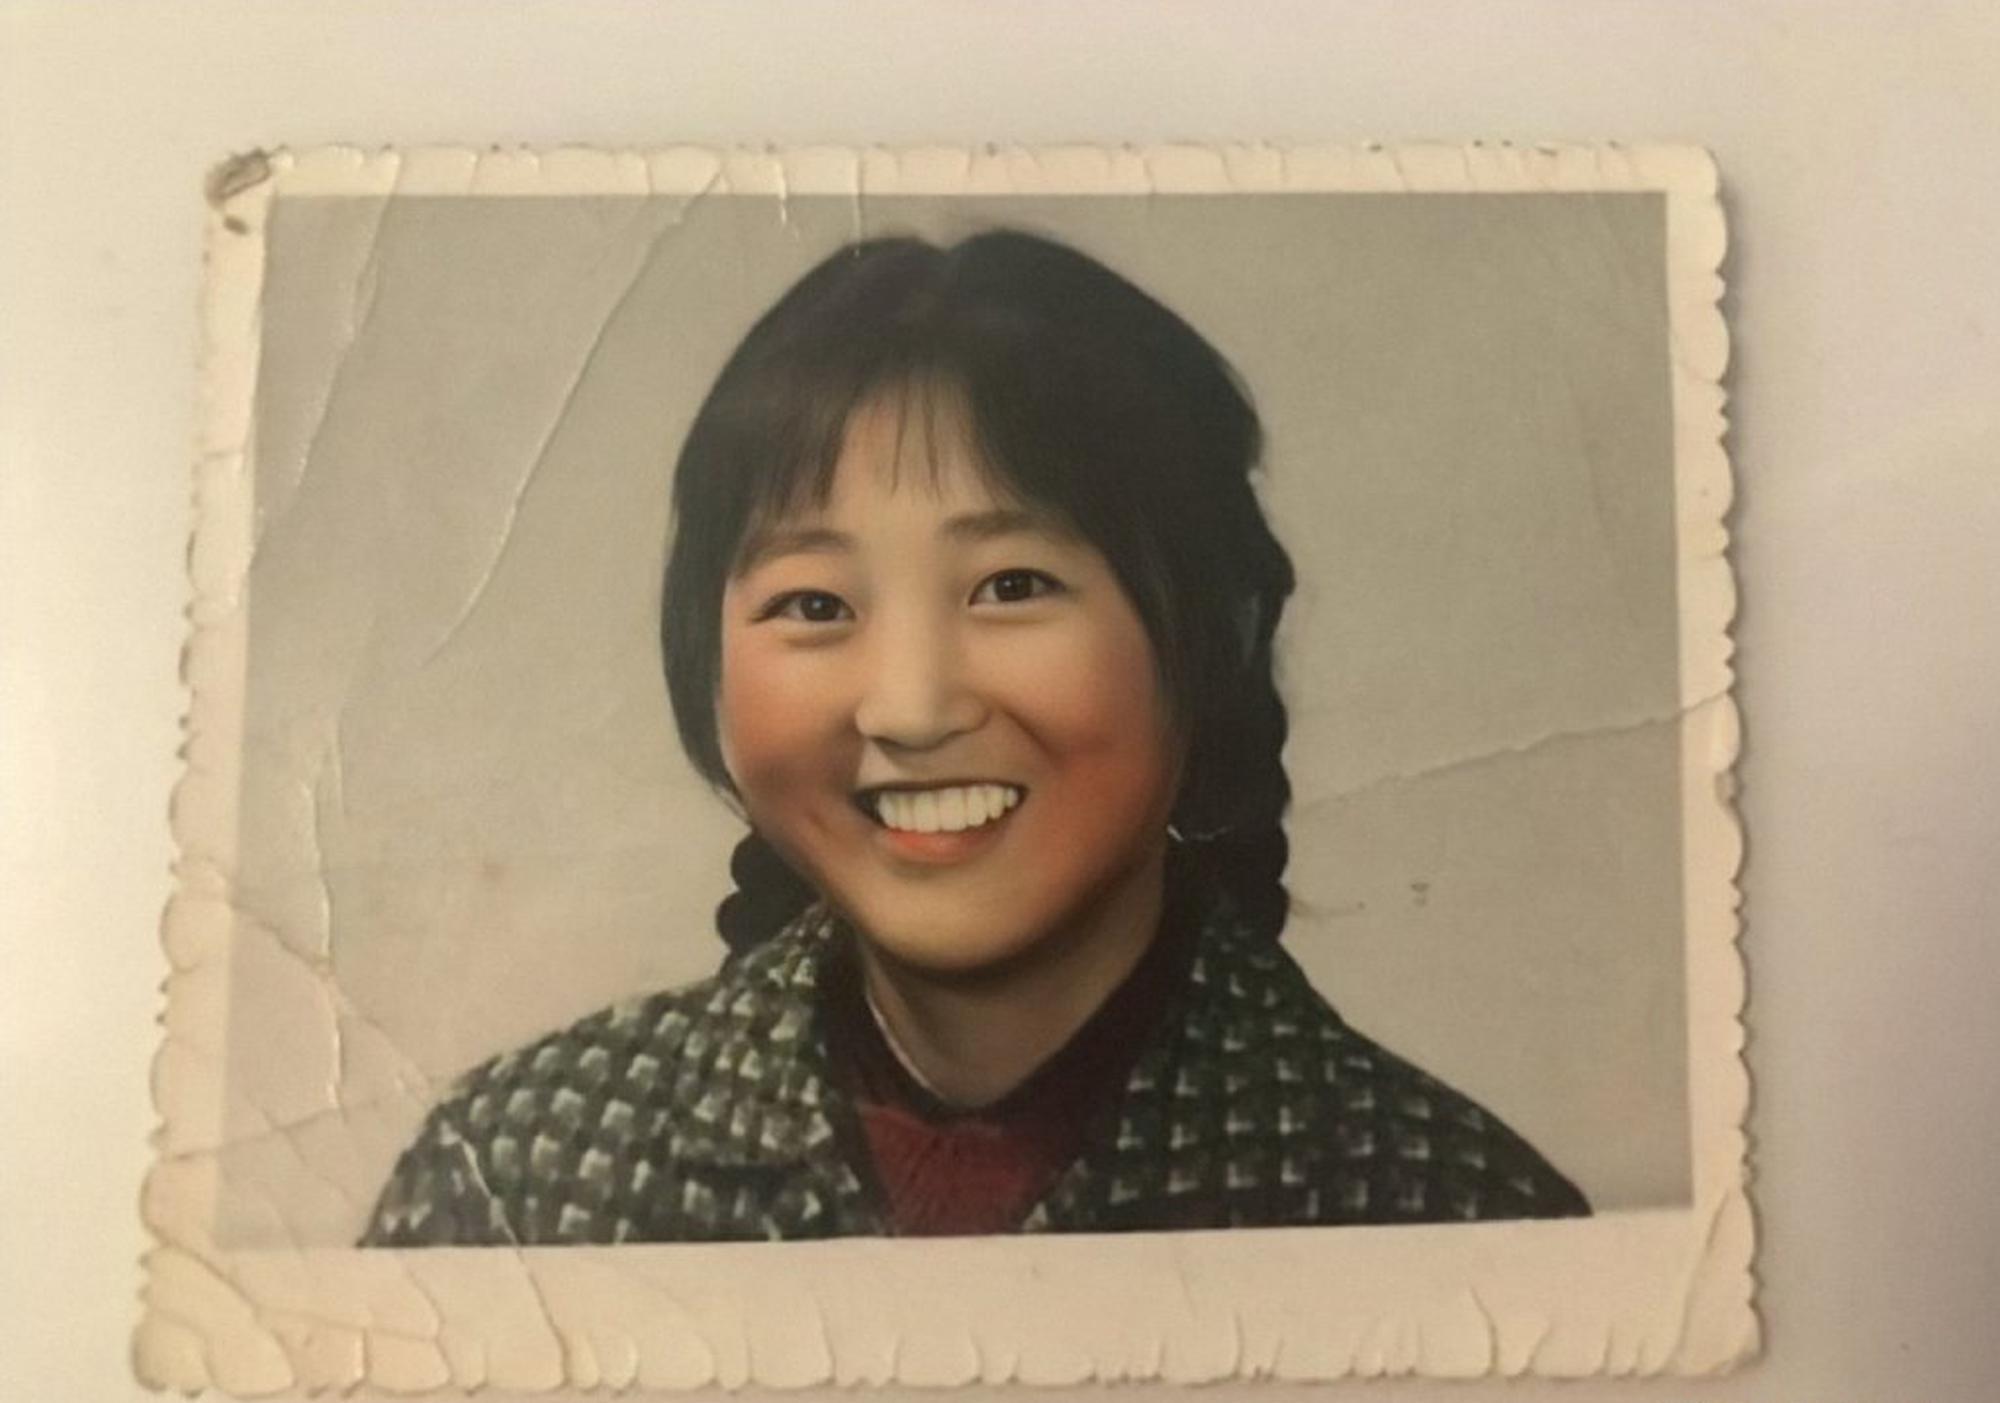 李焕英年轻旧照曝光,头扎双马尾非常漂亮,贾玲和妈妈超像